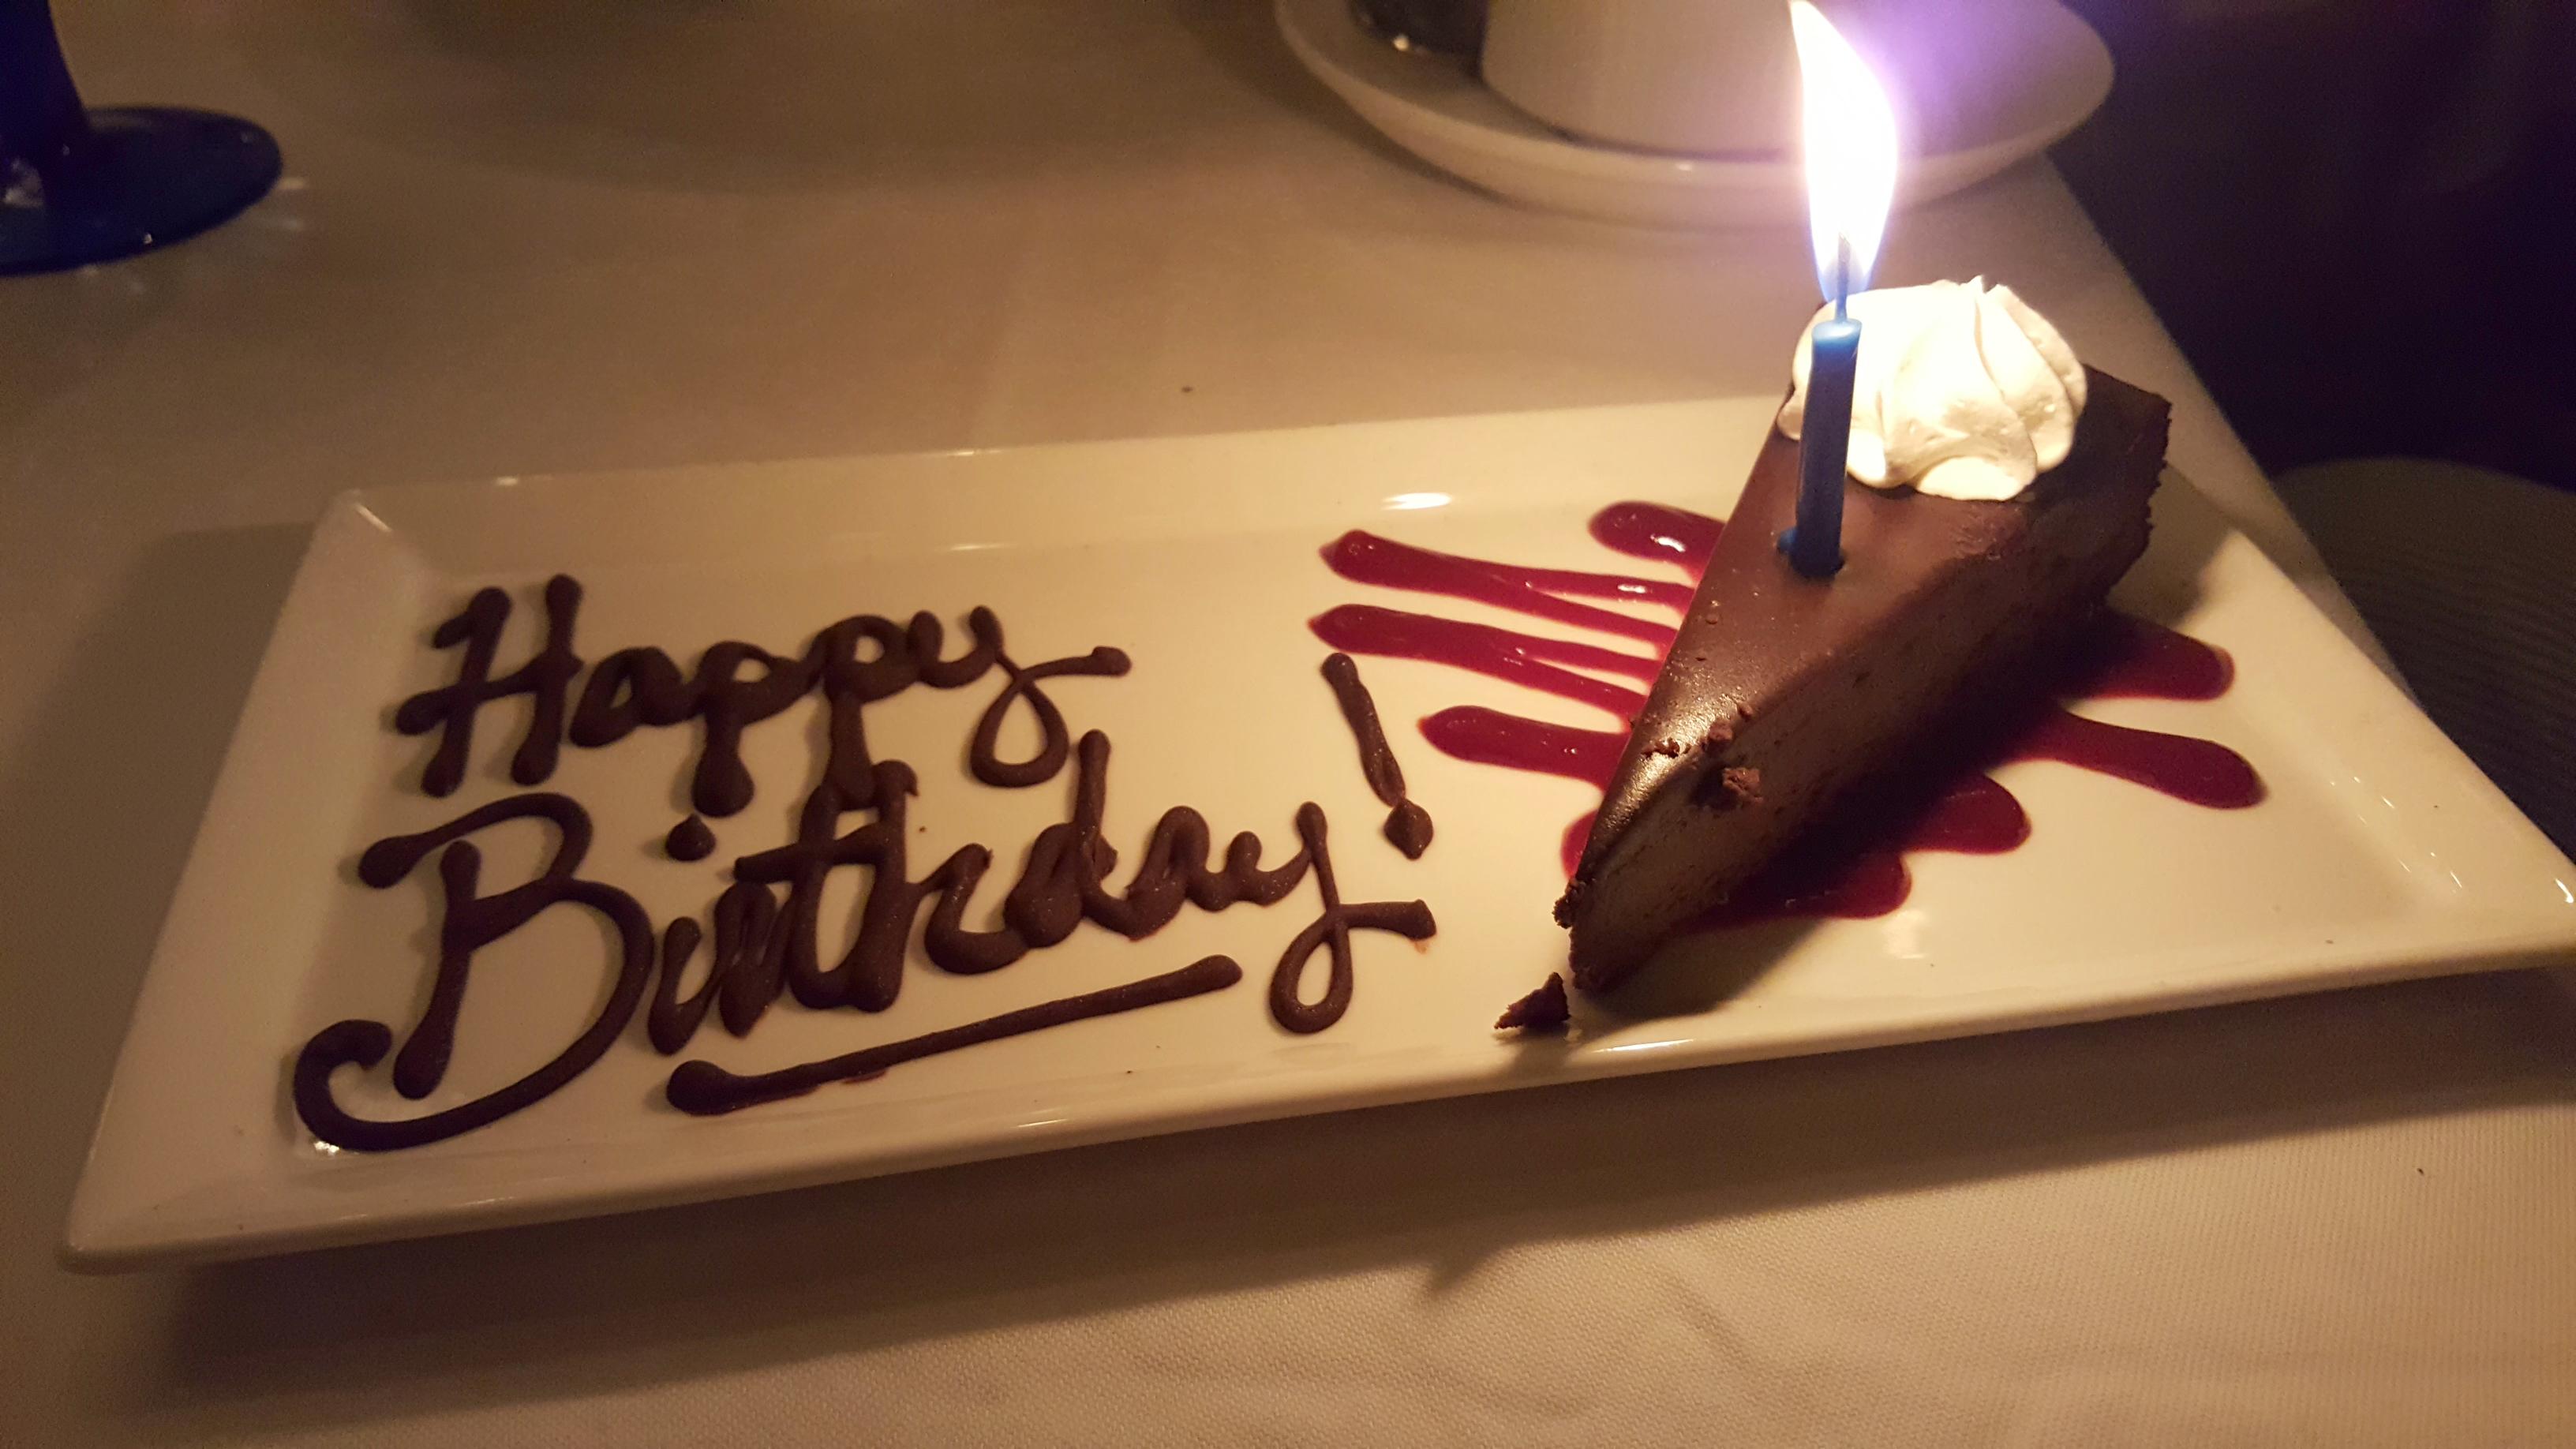 Celebrating My Birthday At The Hotel Roanoke